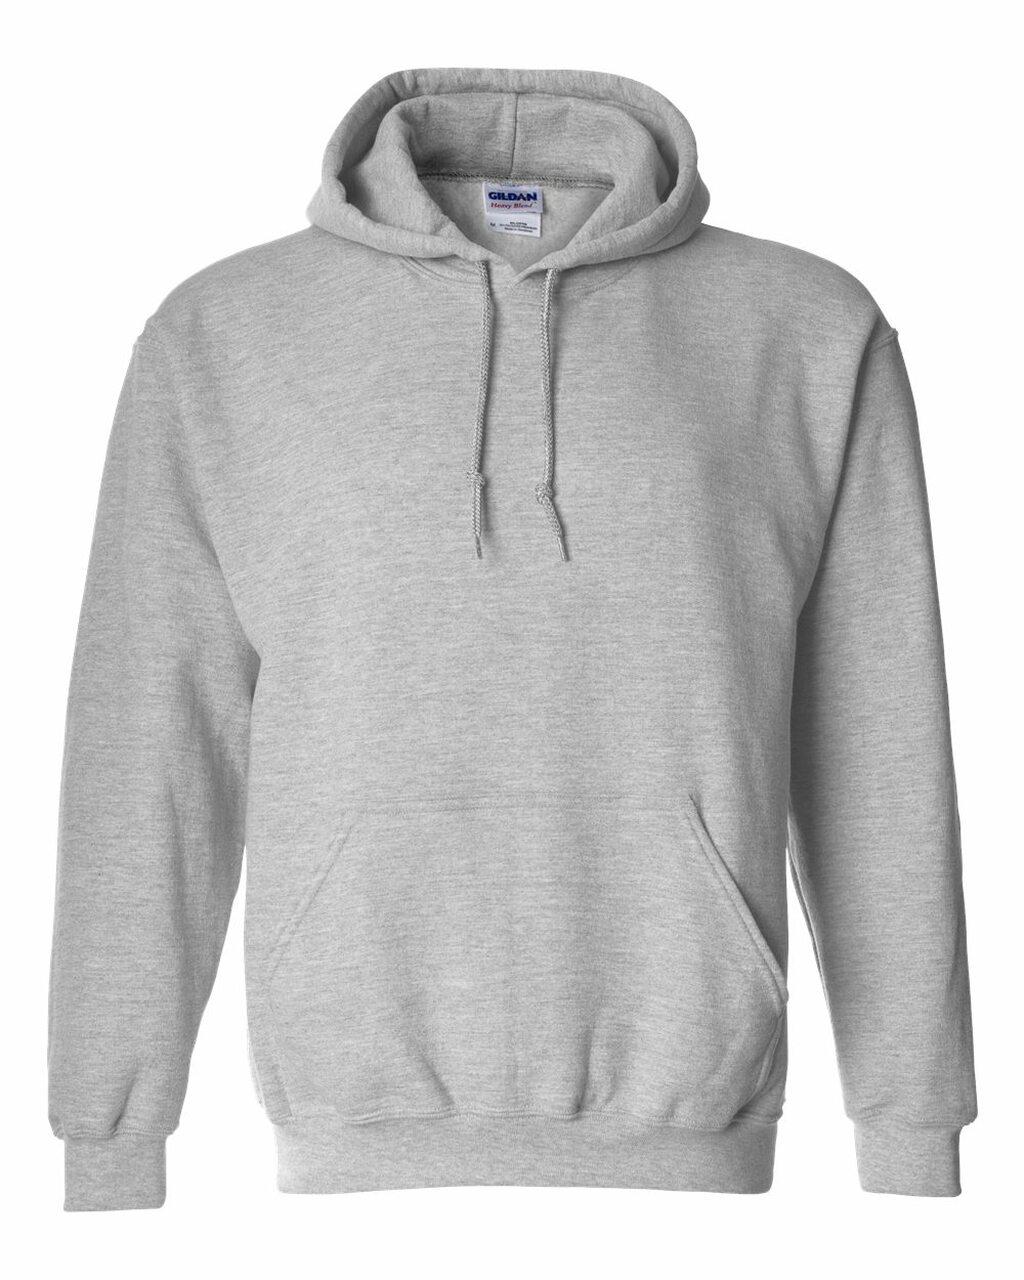 18500 Grey Gildan Hoodie